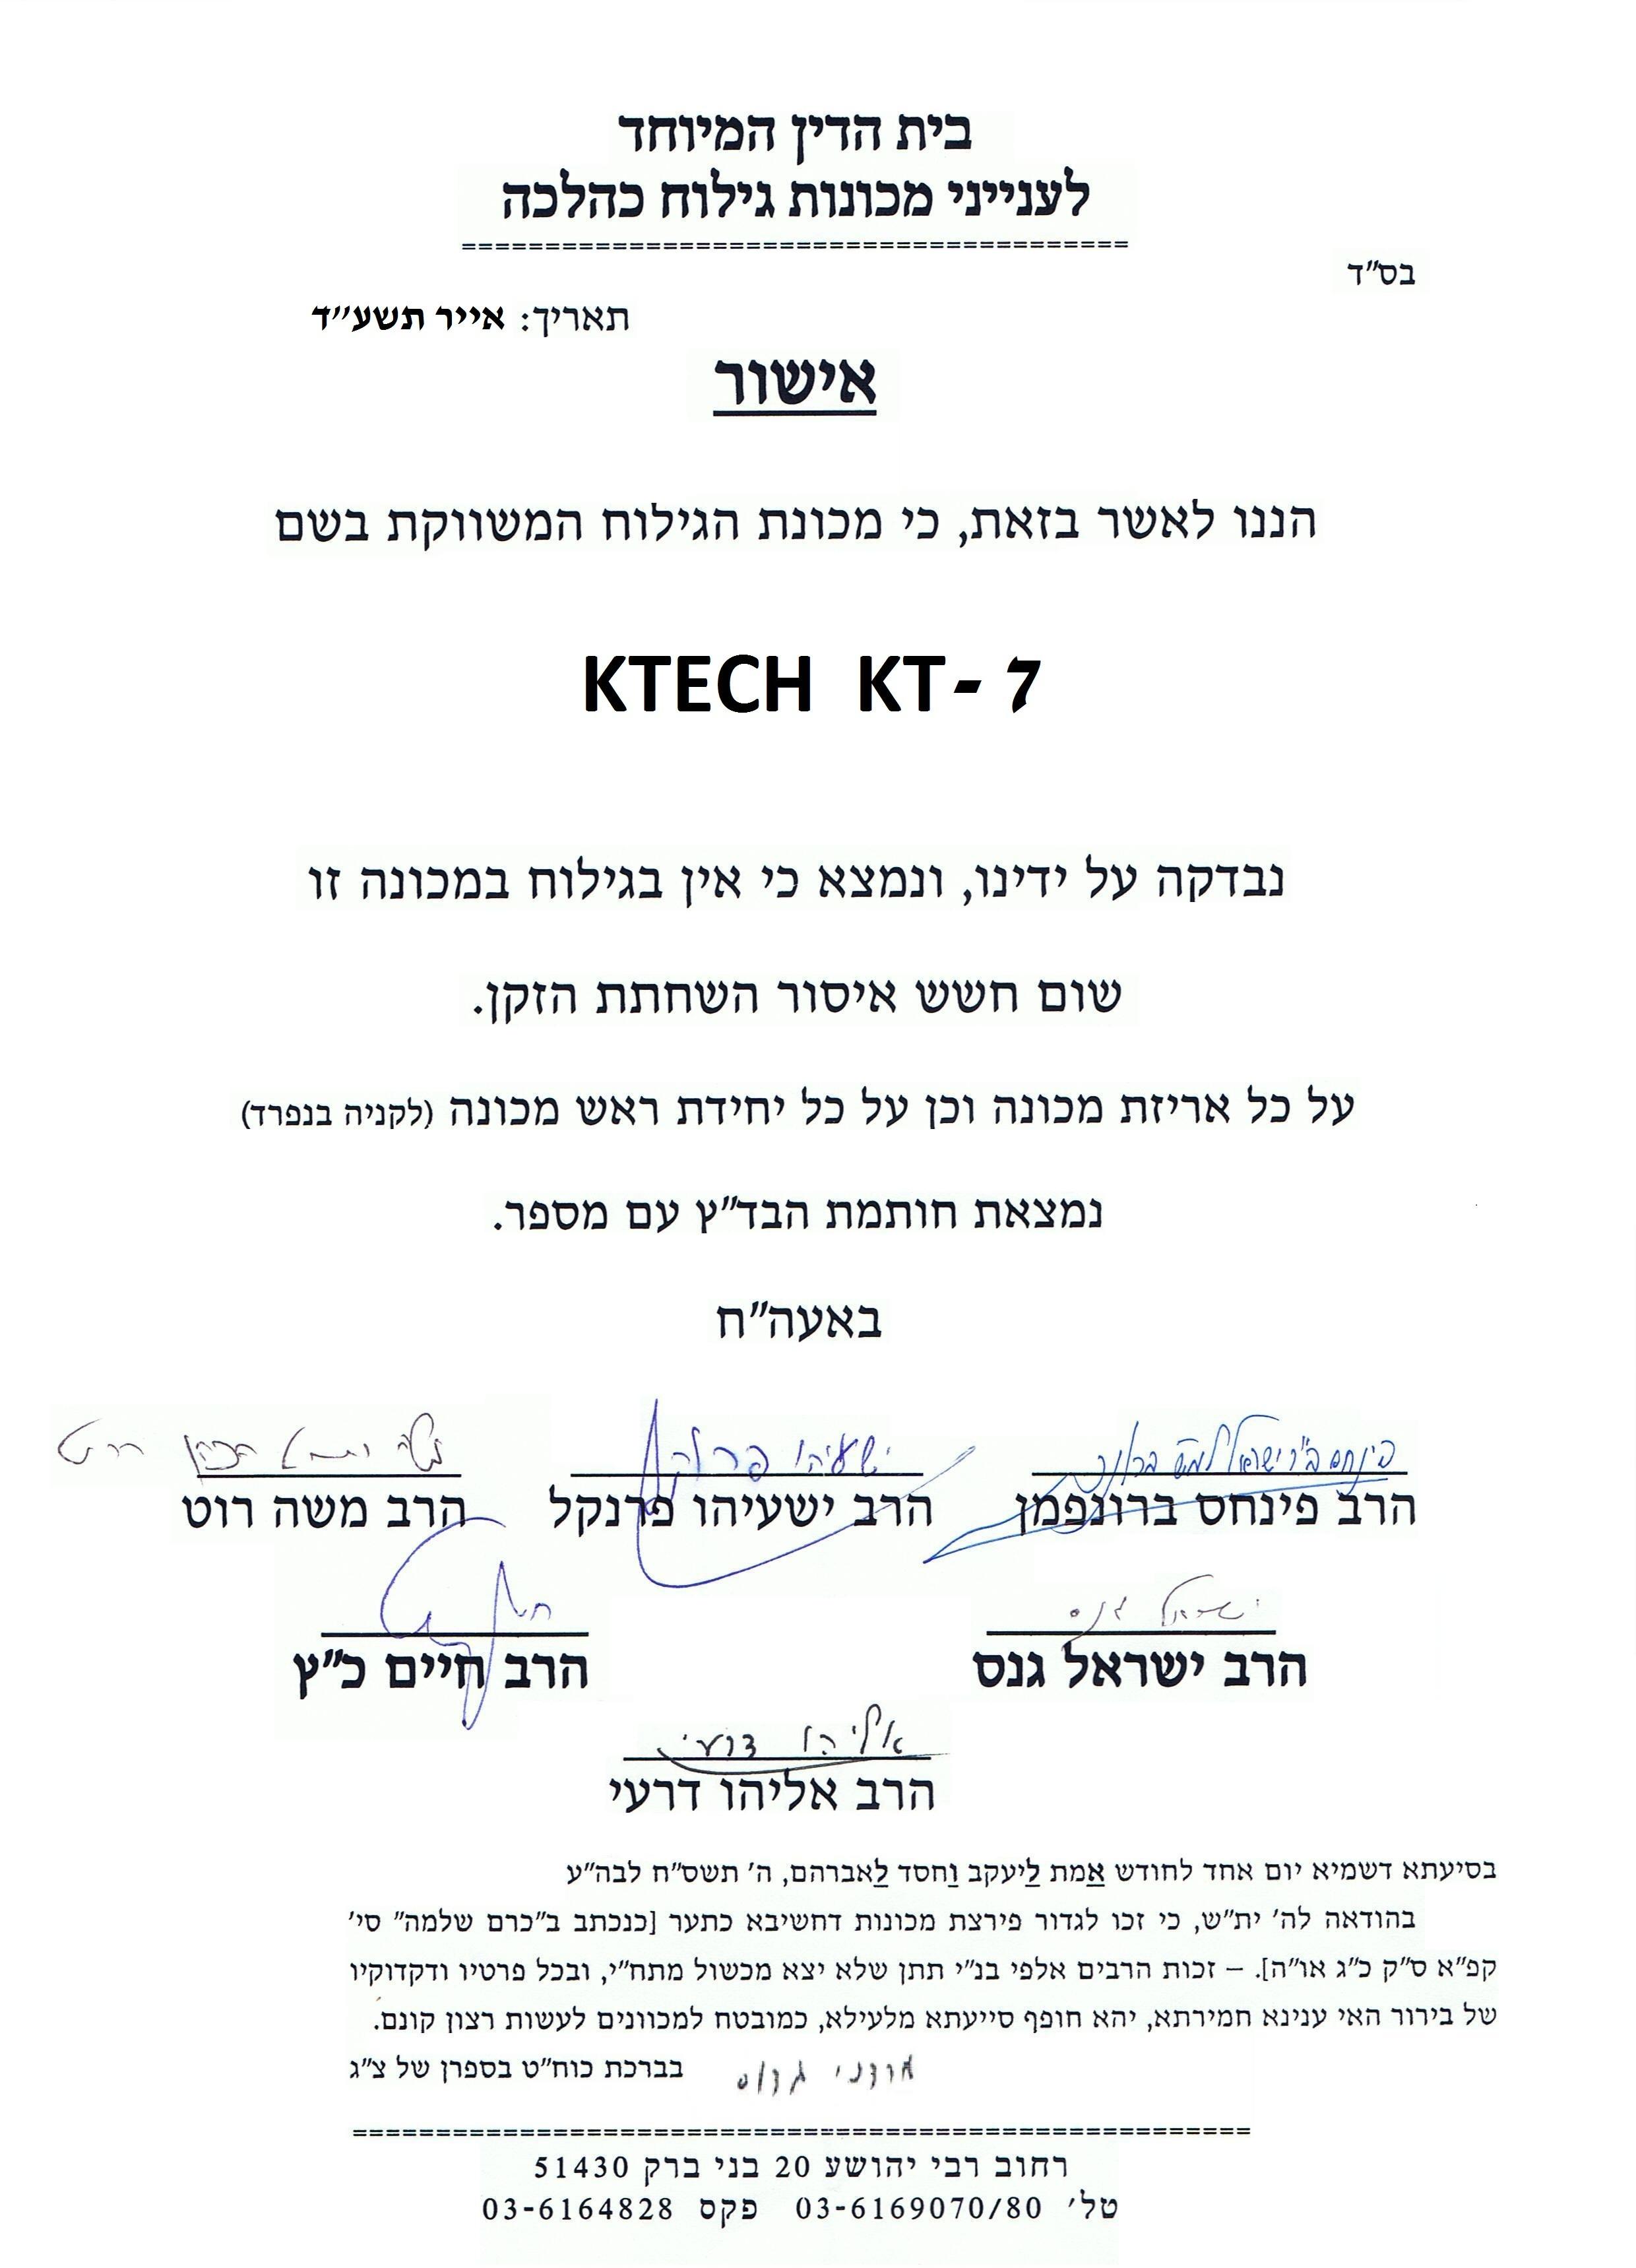 אישור כשרות לטרימר KT-7